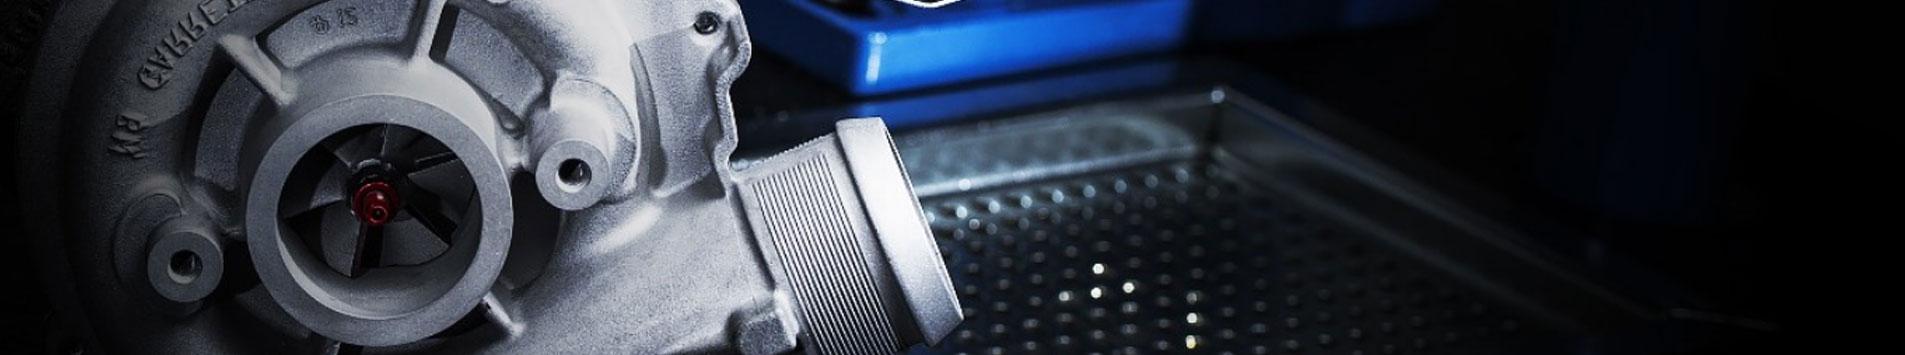 Repasované turbodúchadla pre všetky značky automobilov